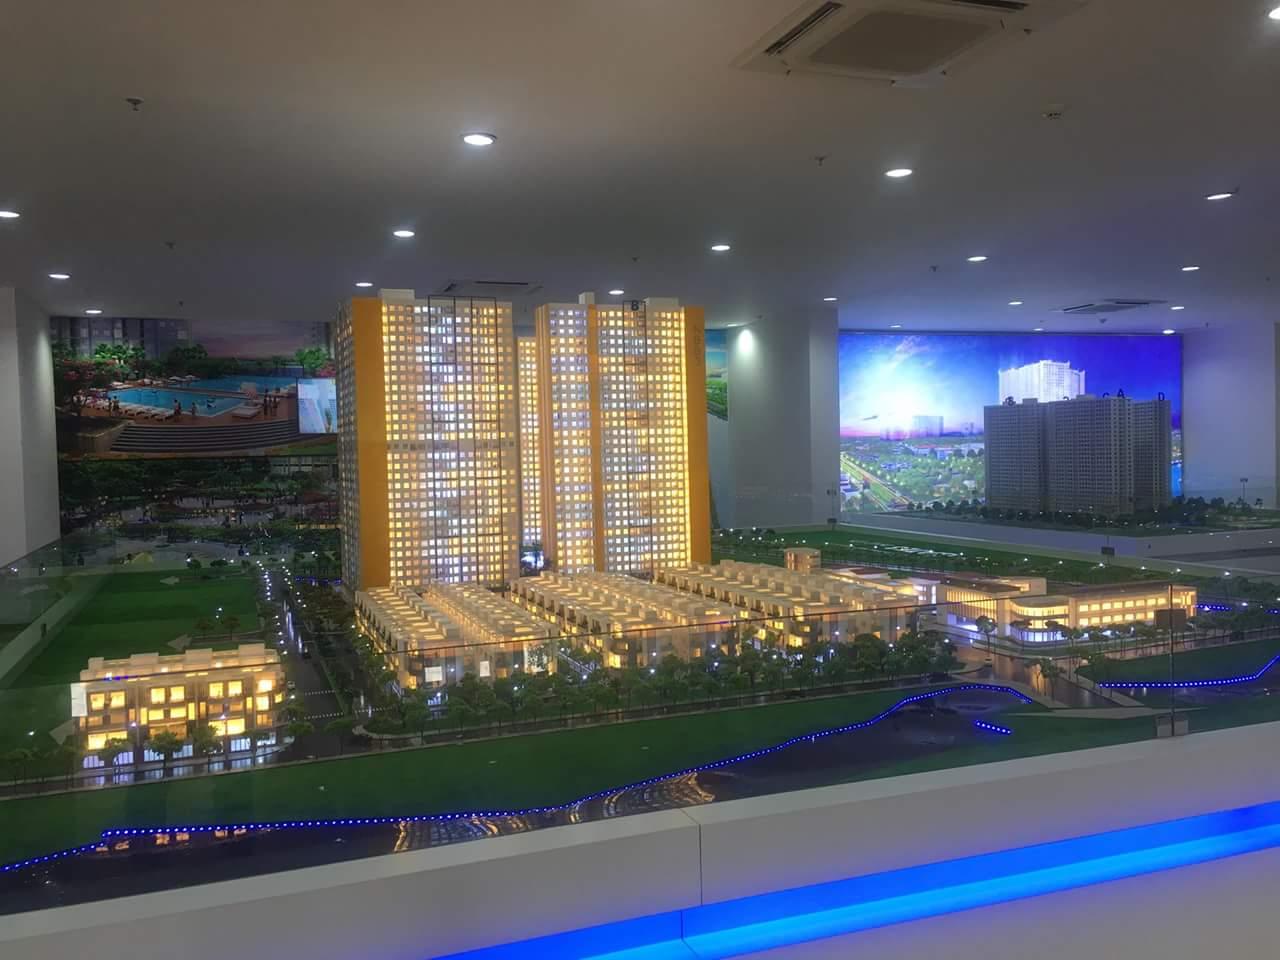 Giới thiệu Dự án Căn hộ Asahi Towers | 15 điểm nhấn đặc biệt của Asahi Tower